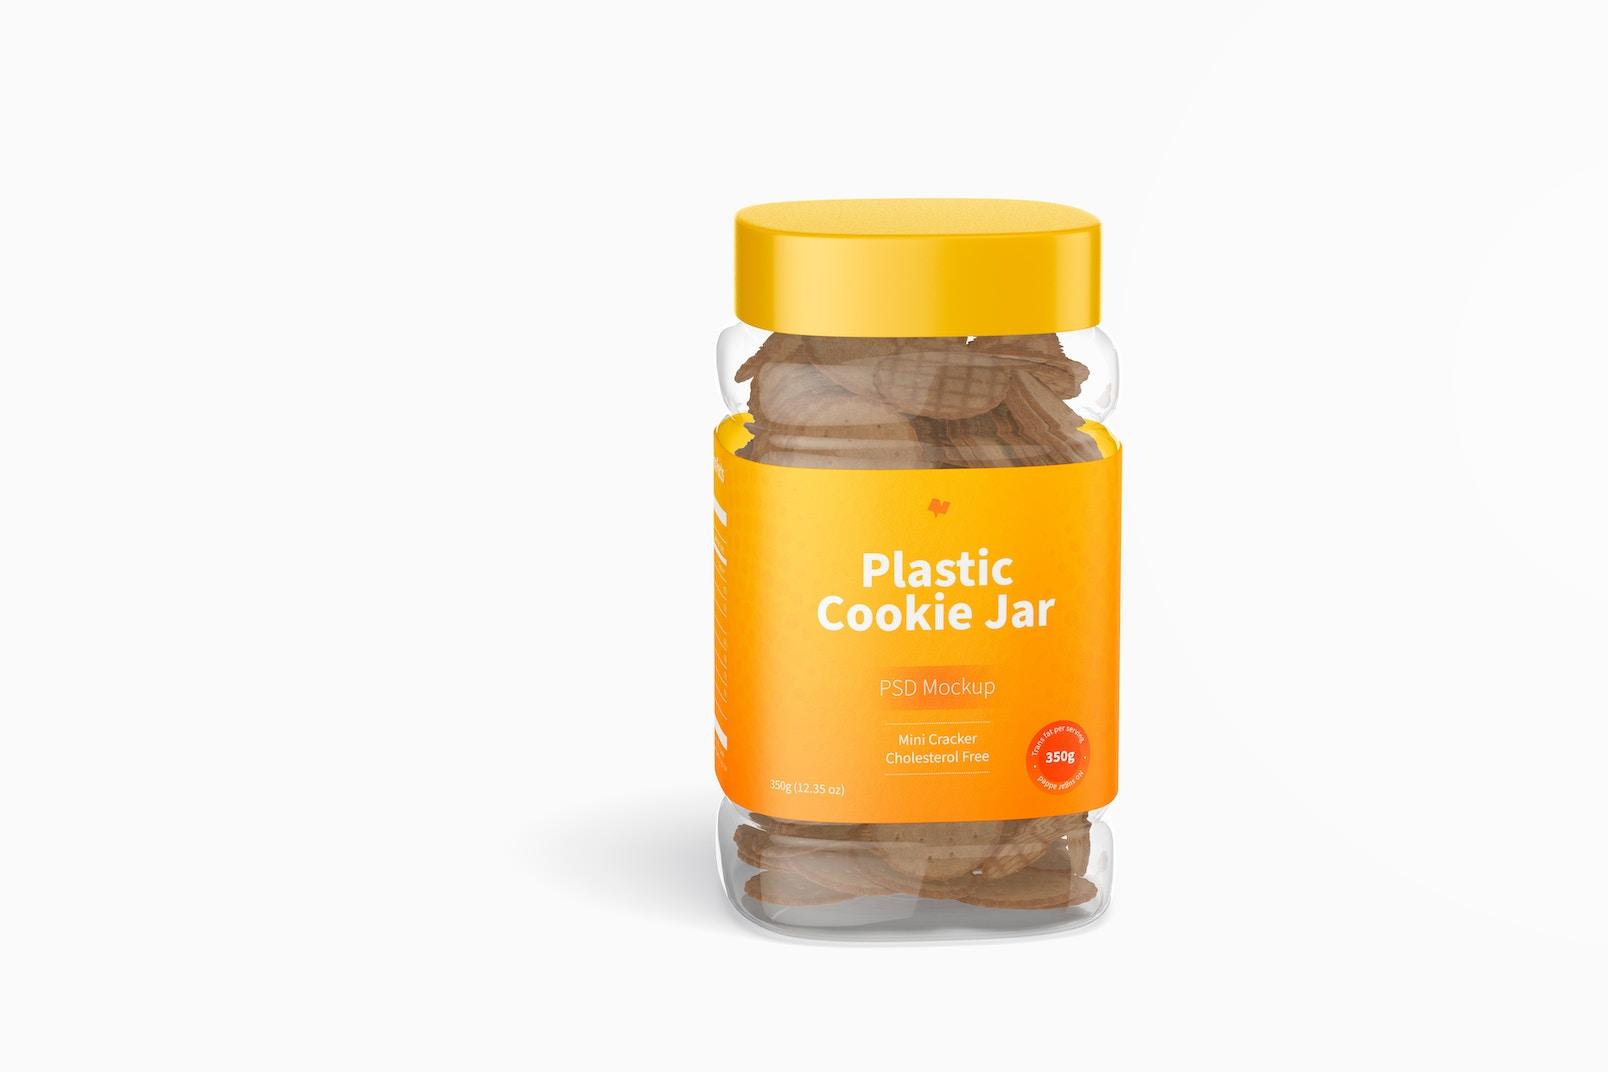 Plastic Cookie Jar Mockup